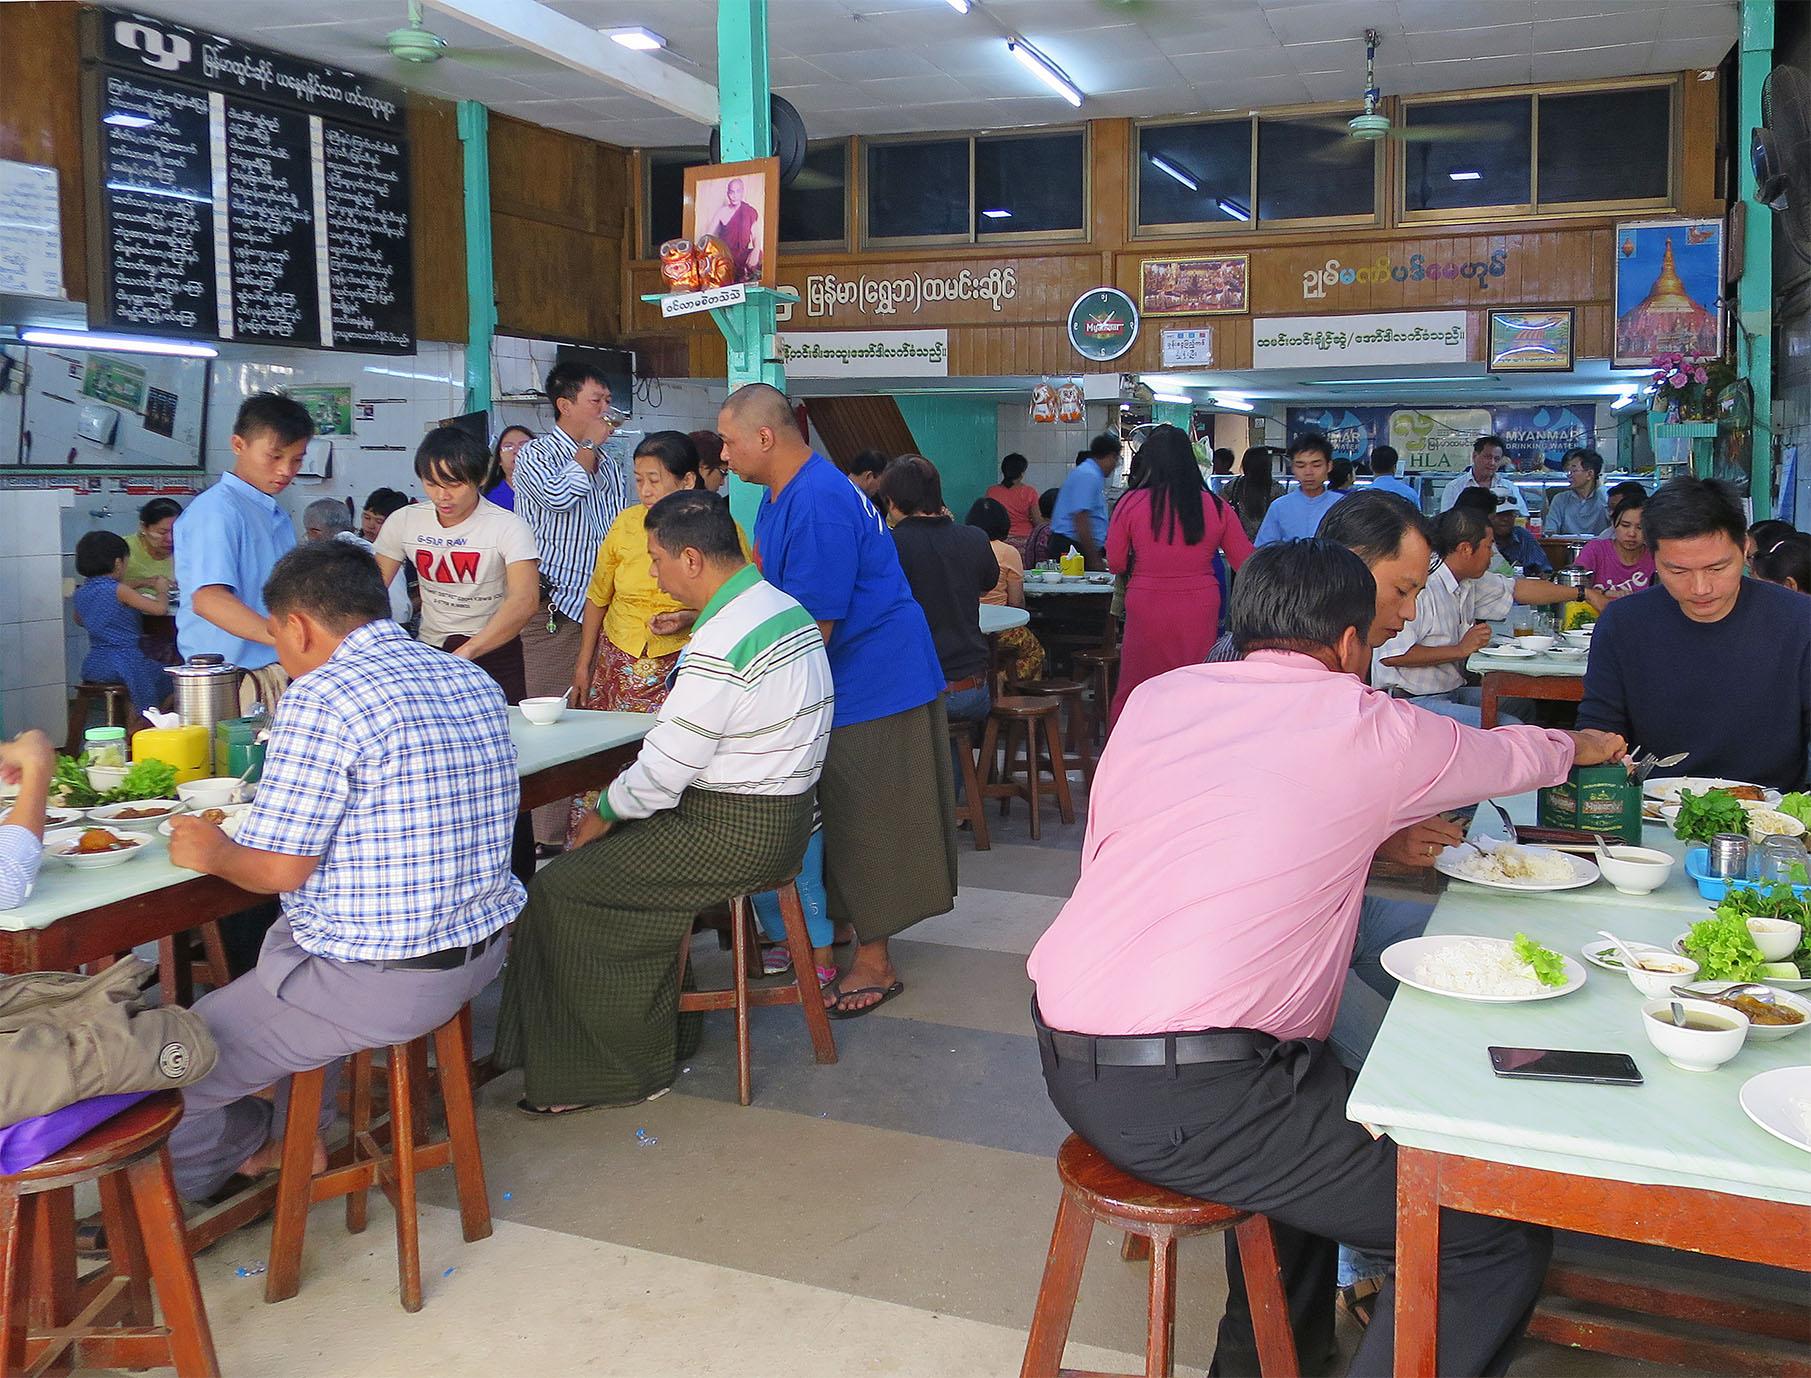 ミャンマーでもっとも一般的な大衆食堂